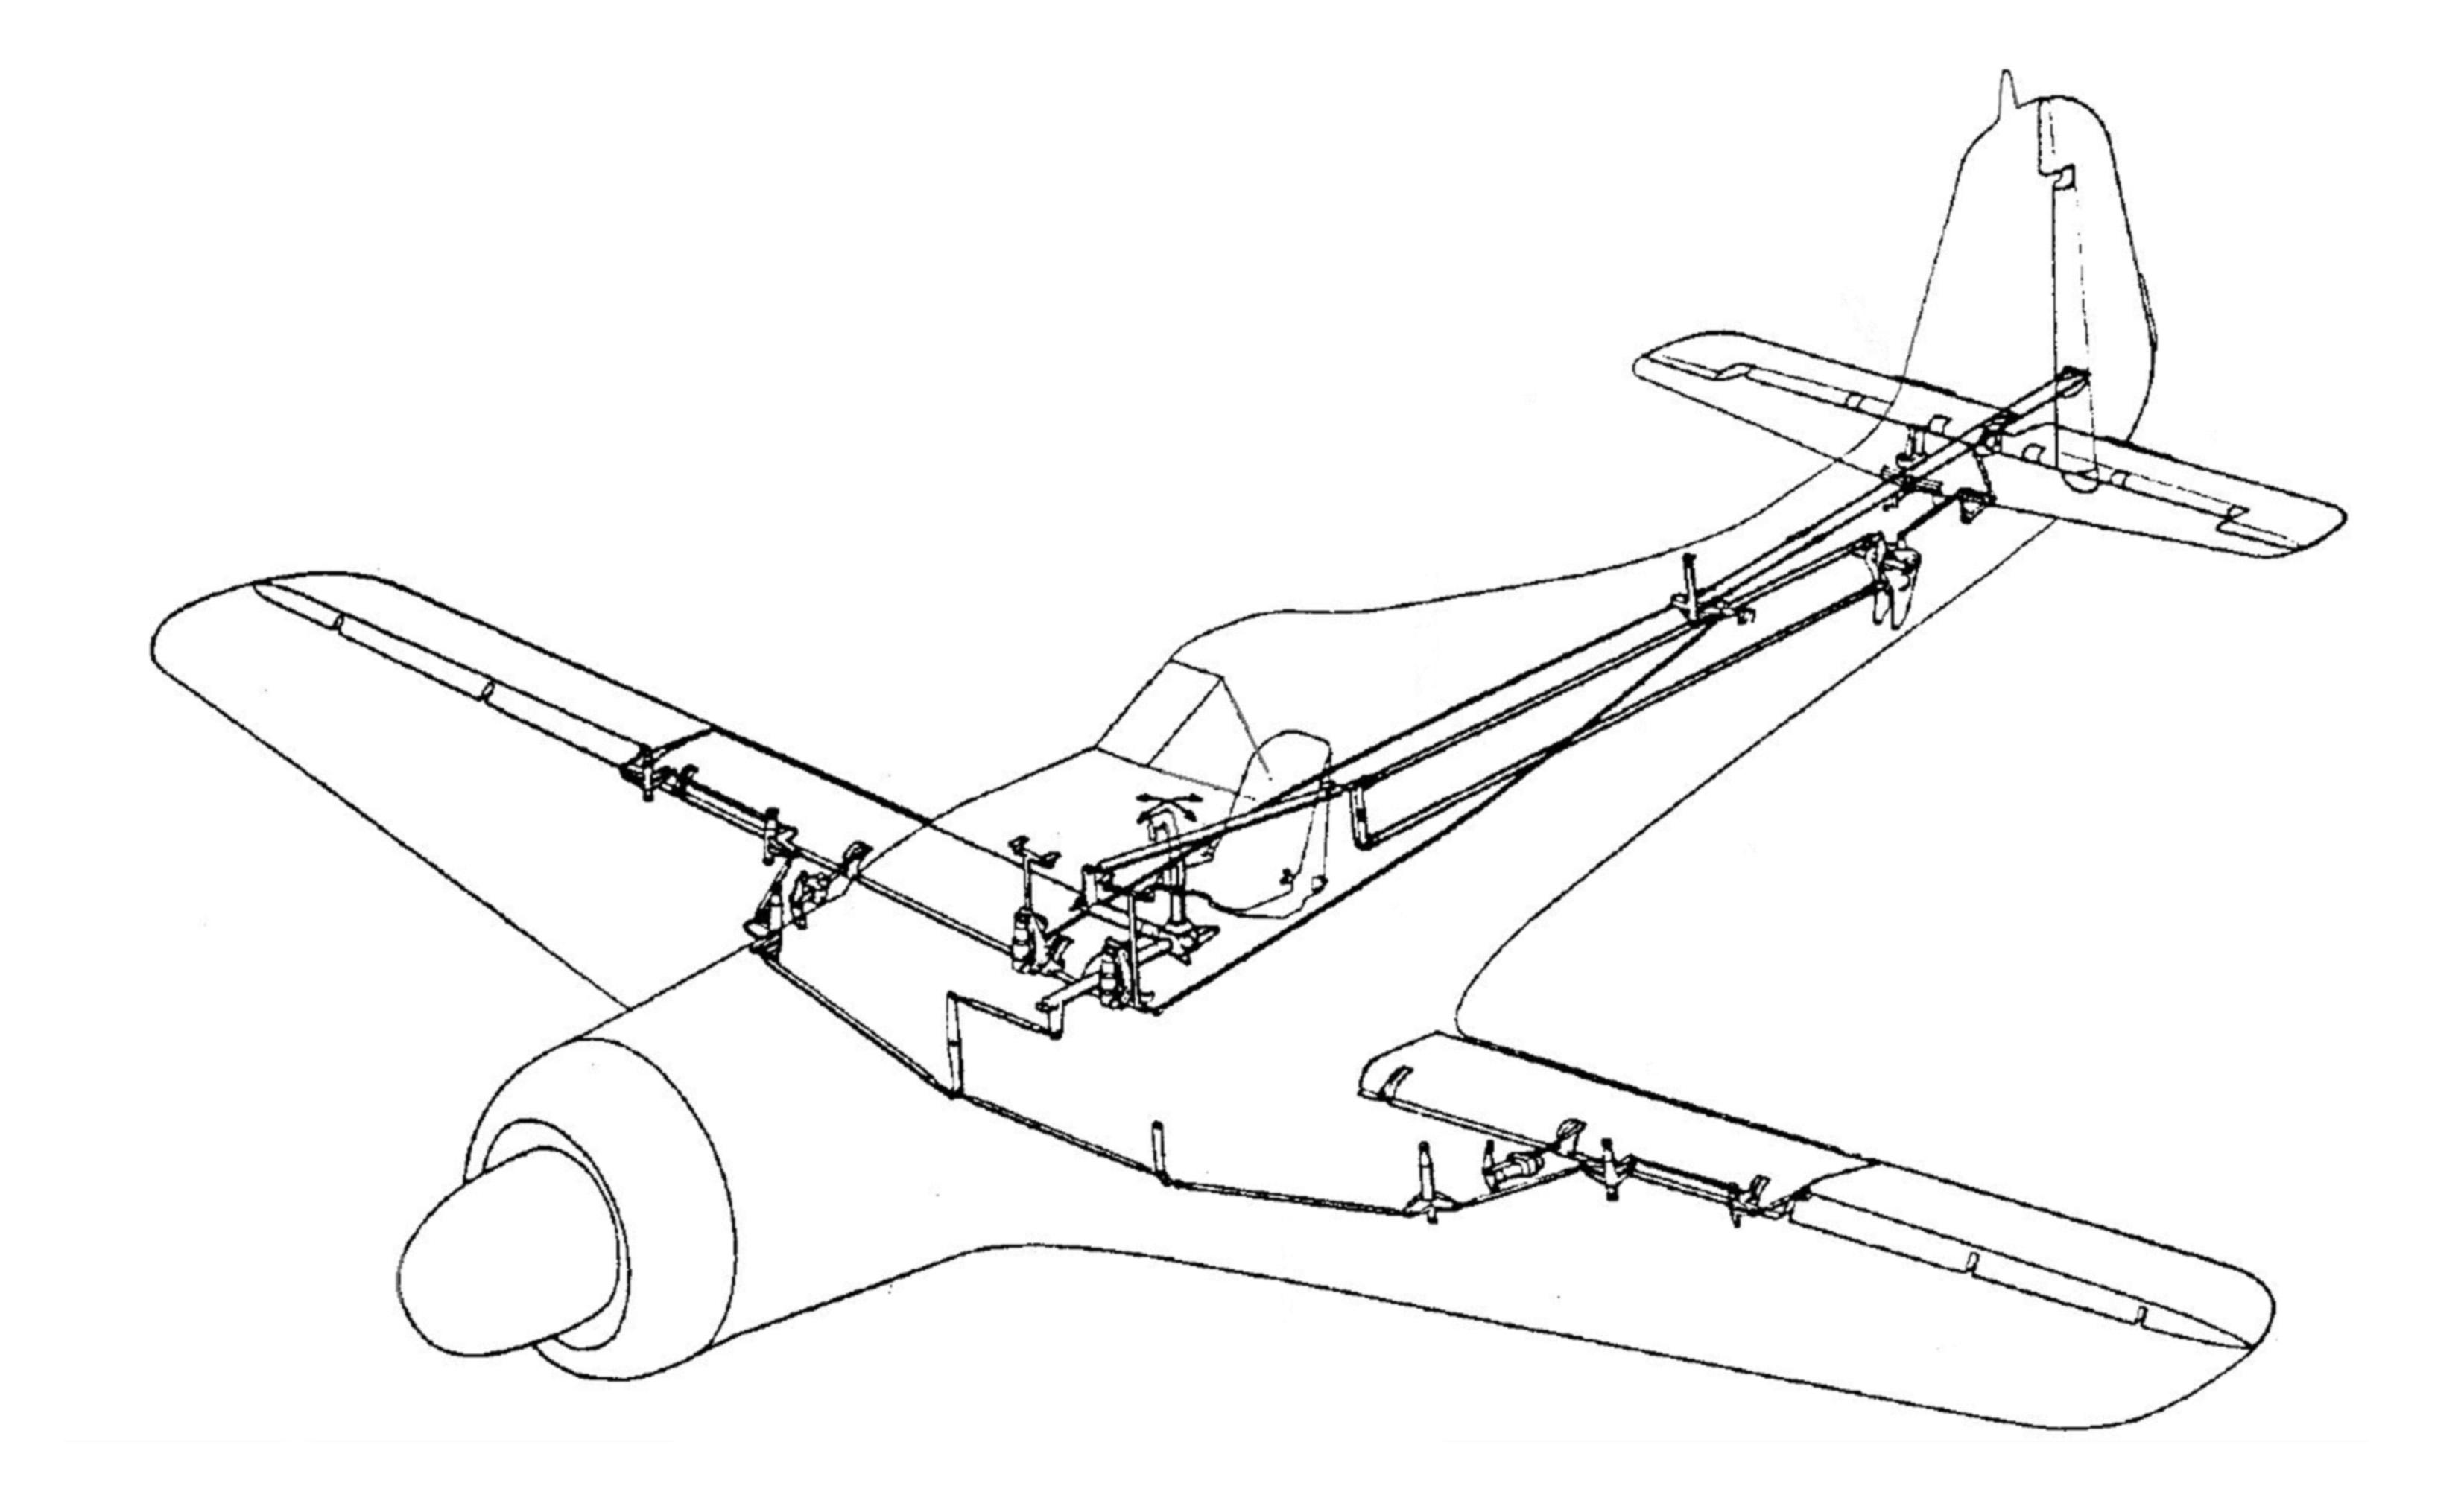 Fw 190 D-9 Steuerung